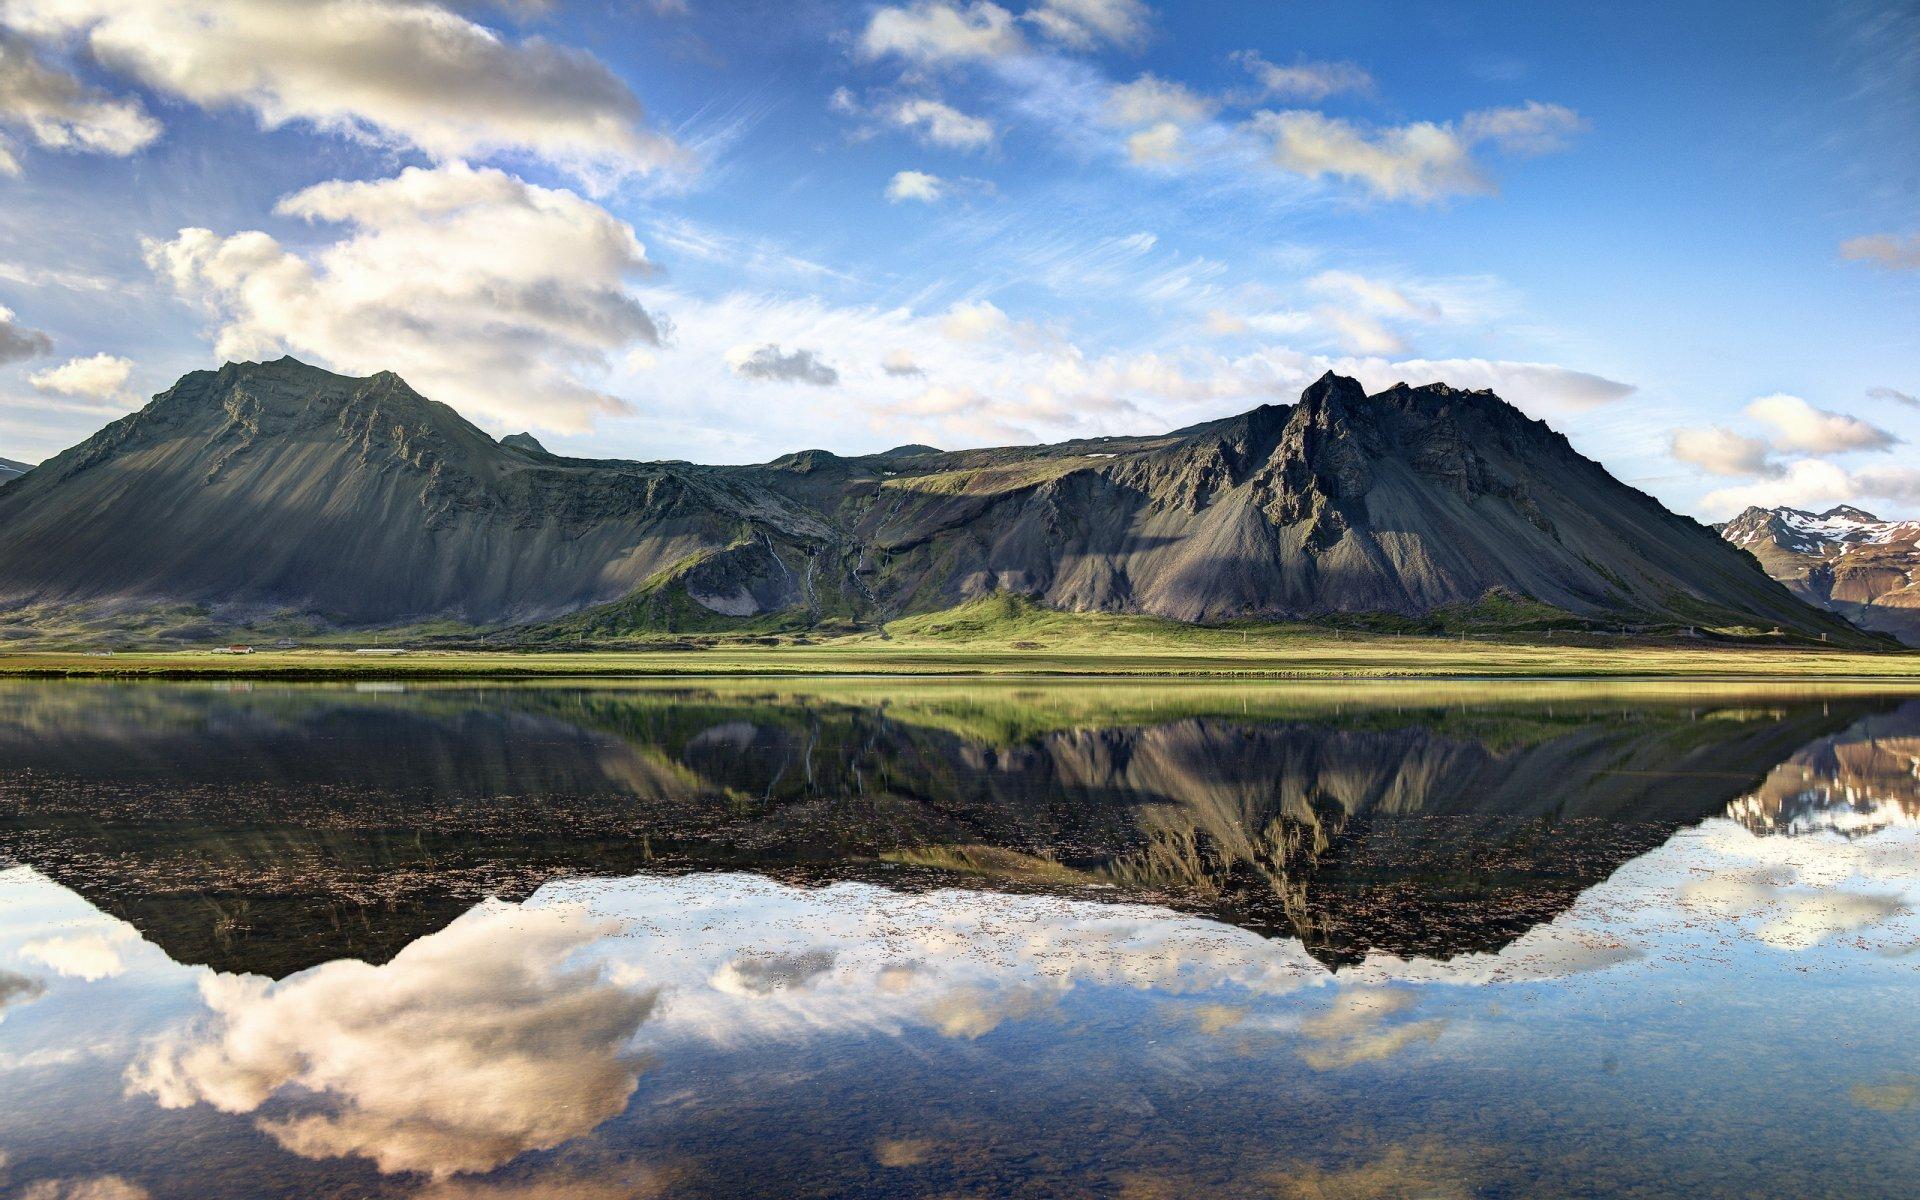 портрет обои на рабочий исландия проехать льду